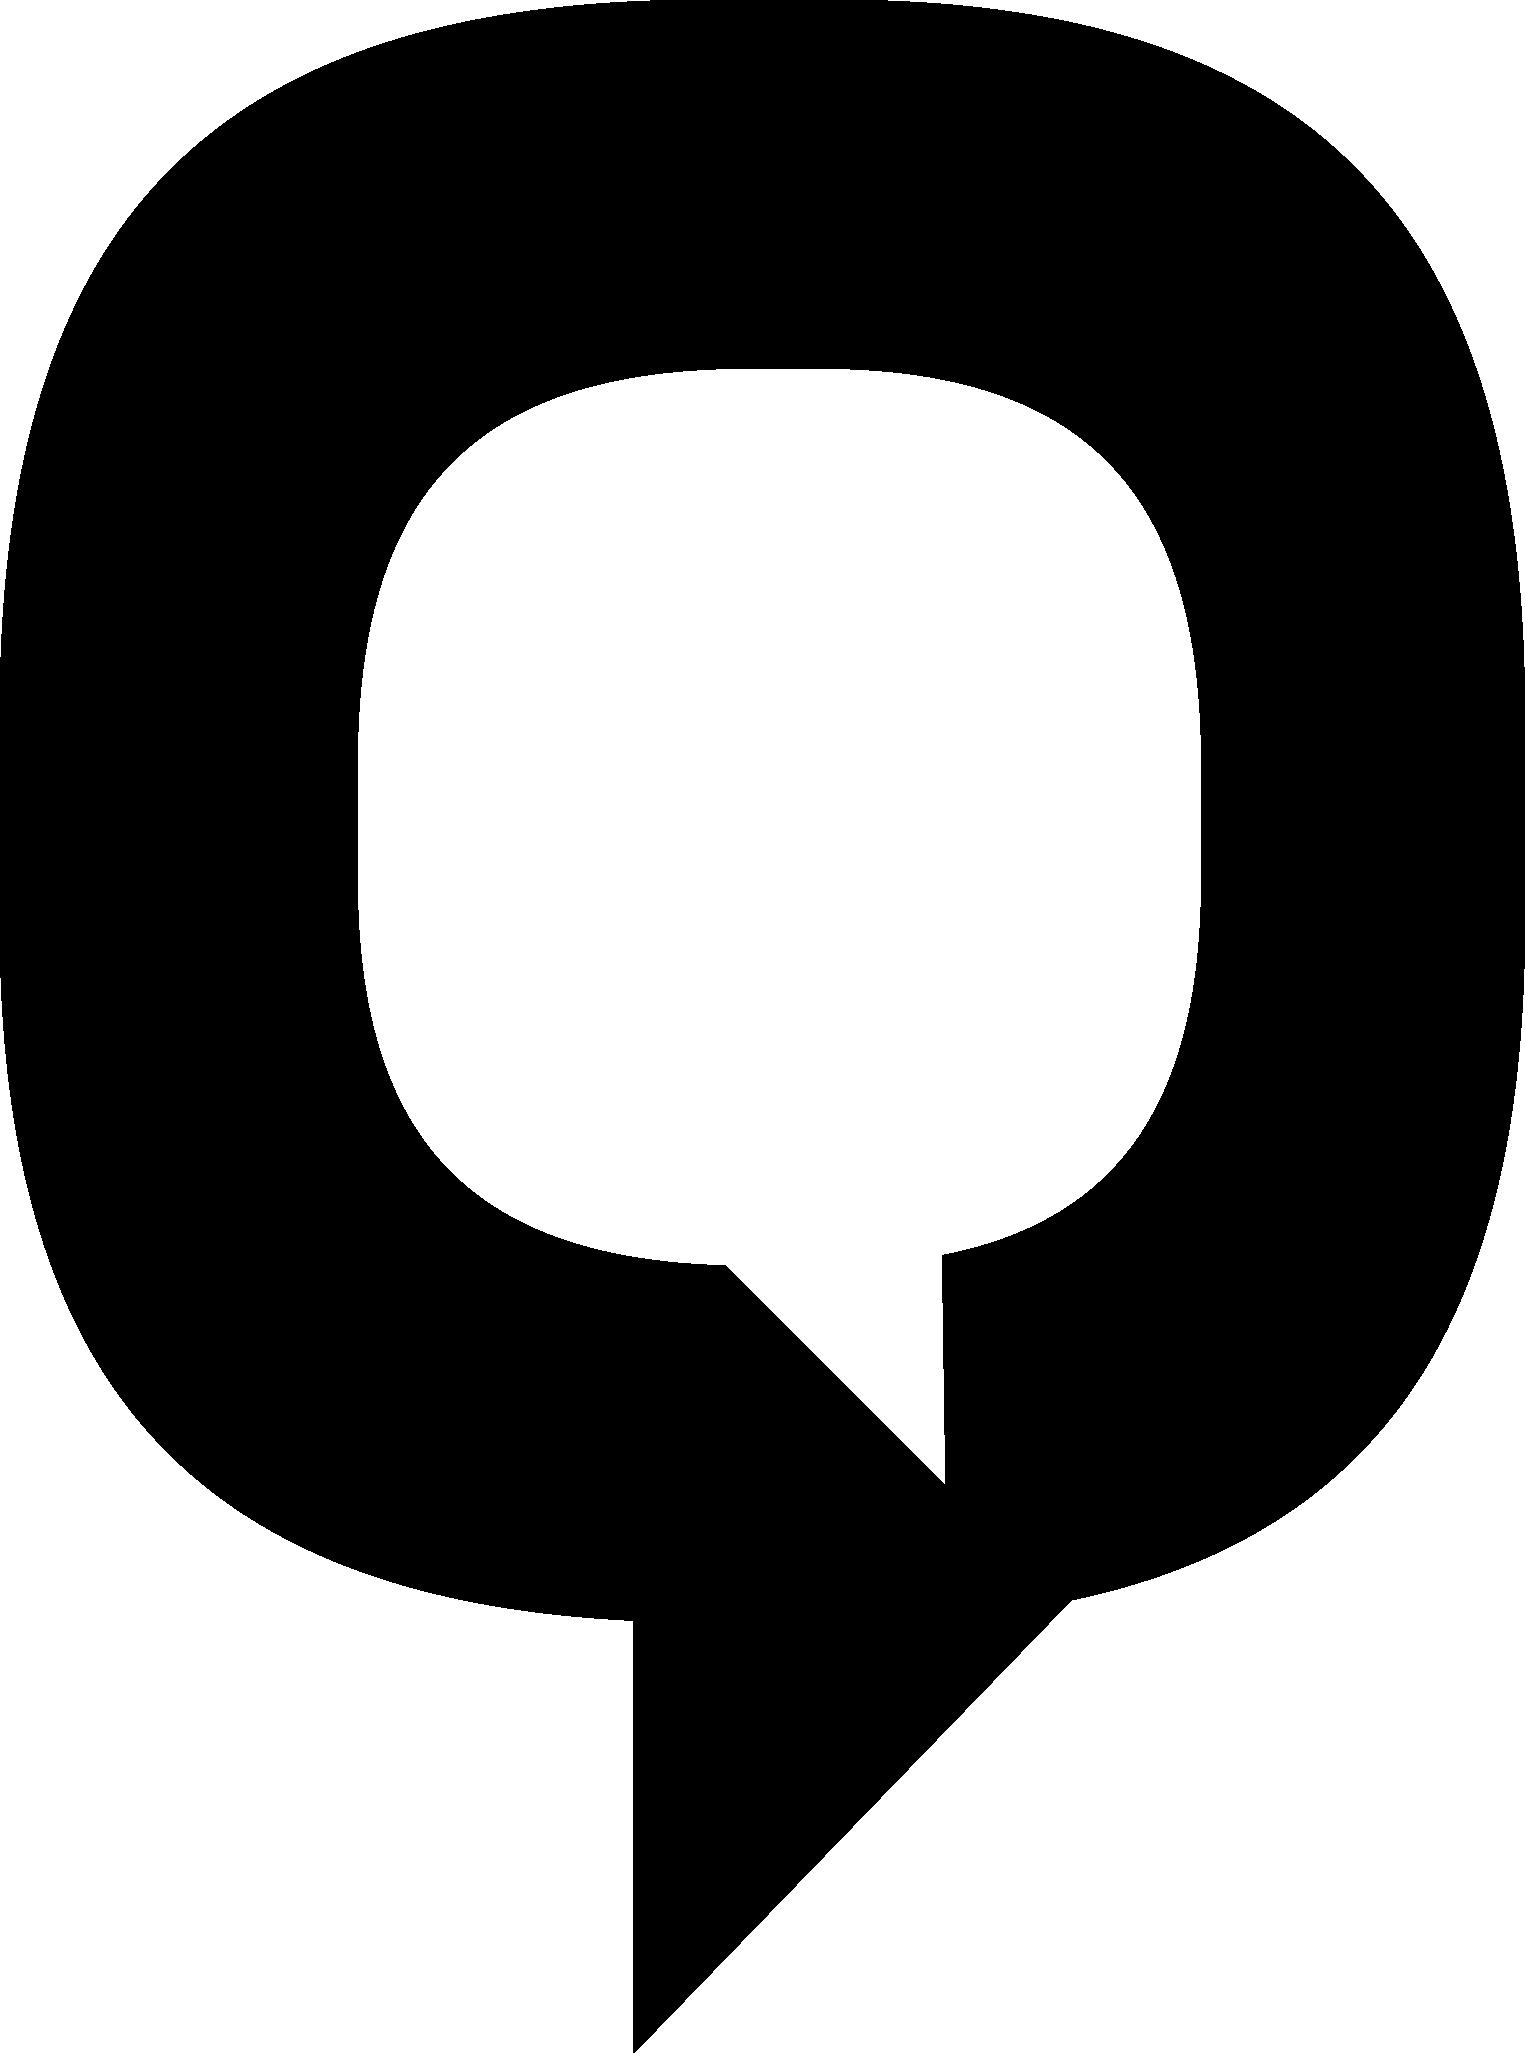 DialogLogoSign